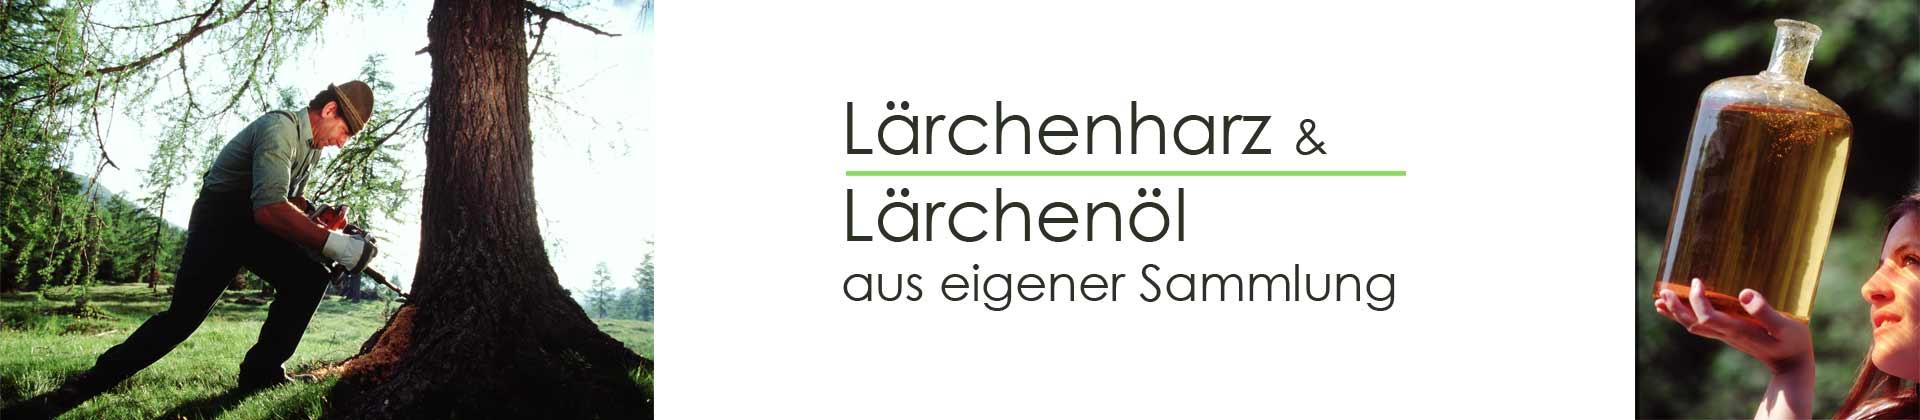 SchusserOG_photoslider-Laerchenharz-Laerchenoel-v2